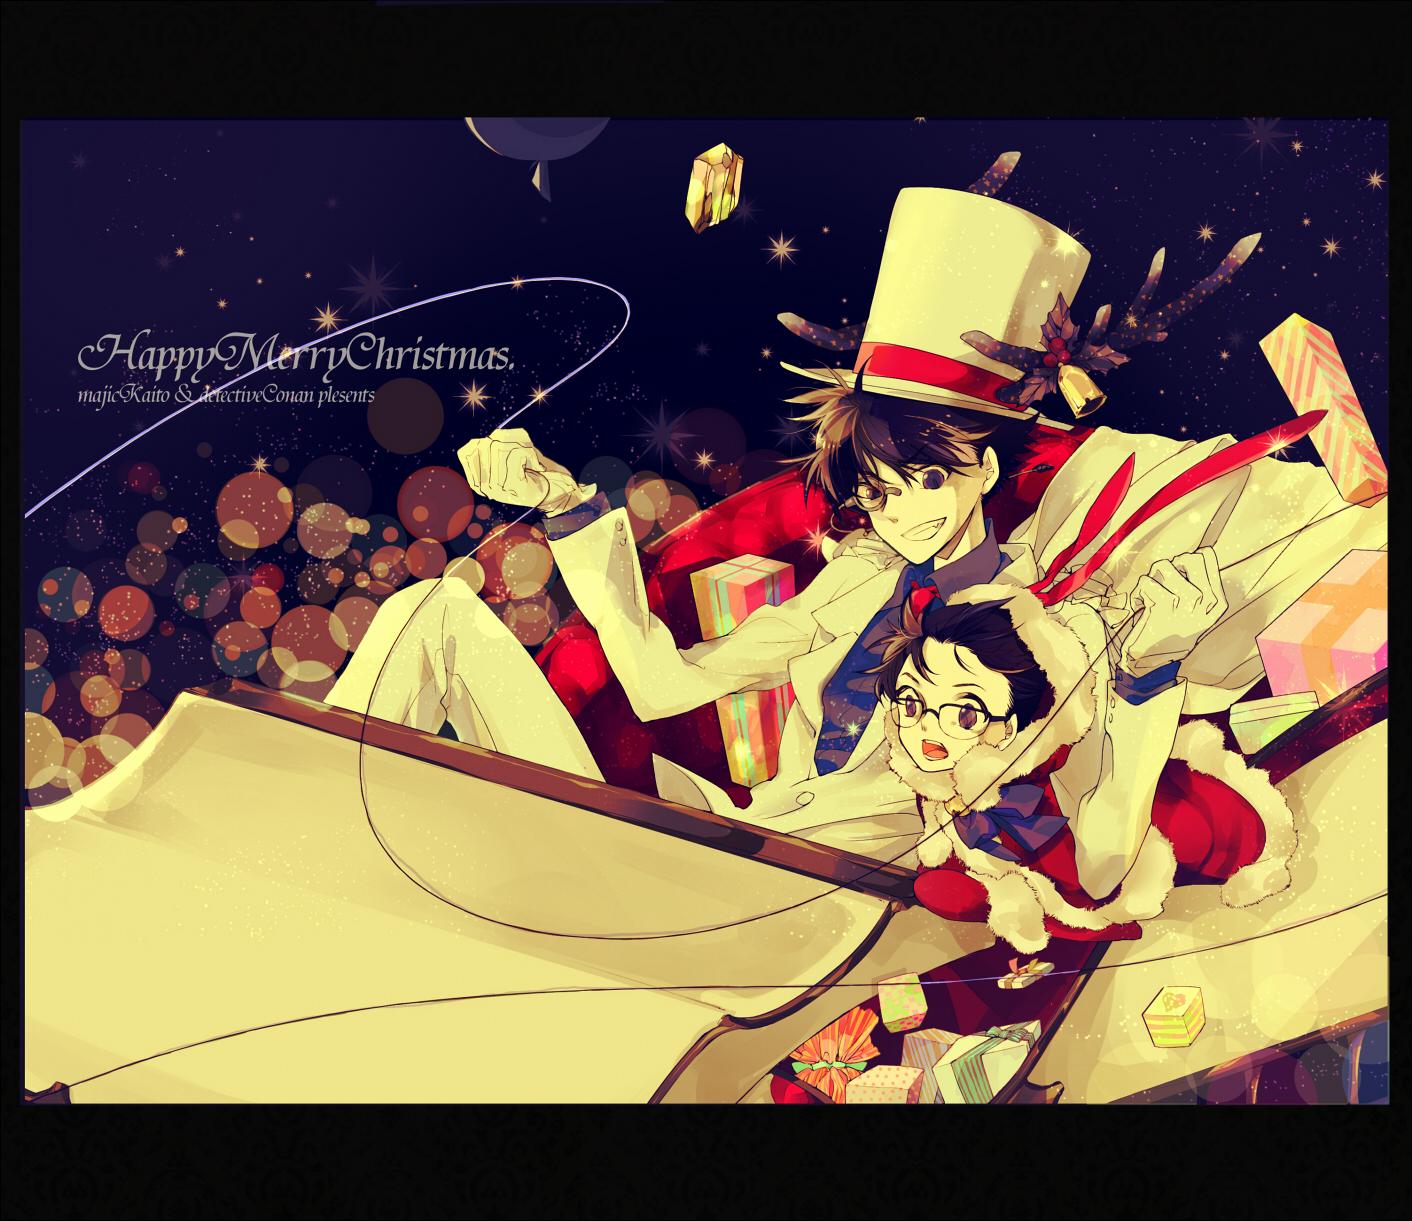 صور الأنمي Conan Detective* ليست قديمهـ بل جديدهـ {{ مجهودي }} 1240086.jpg